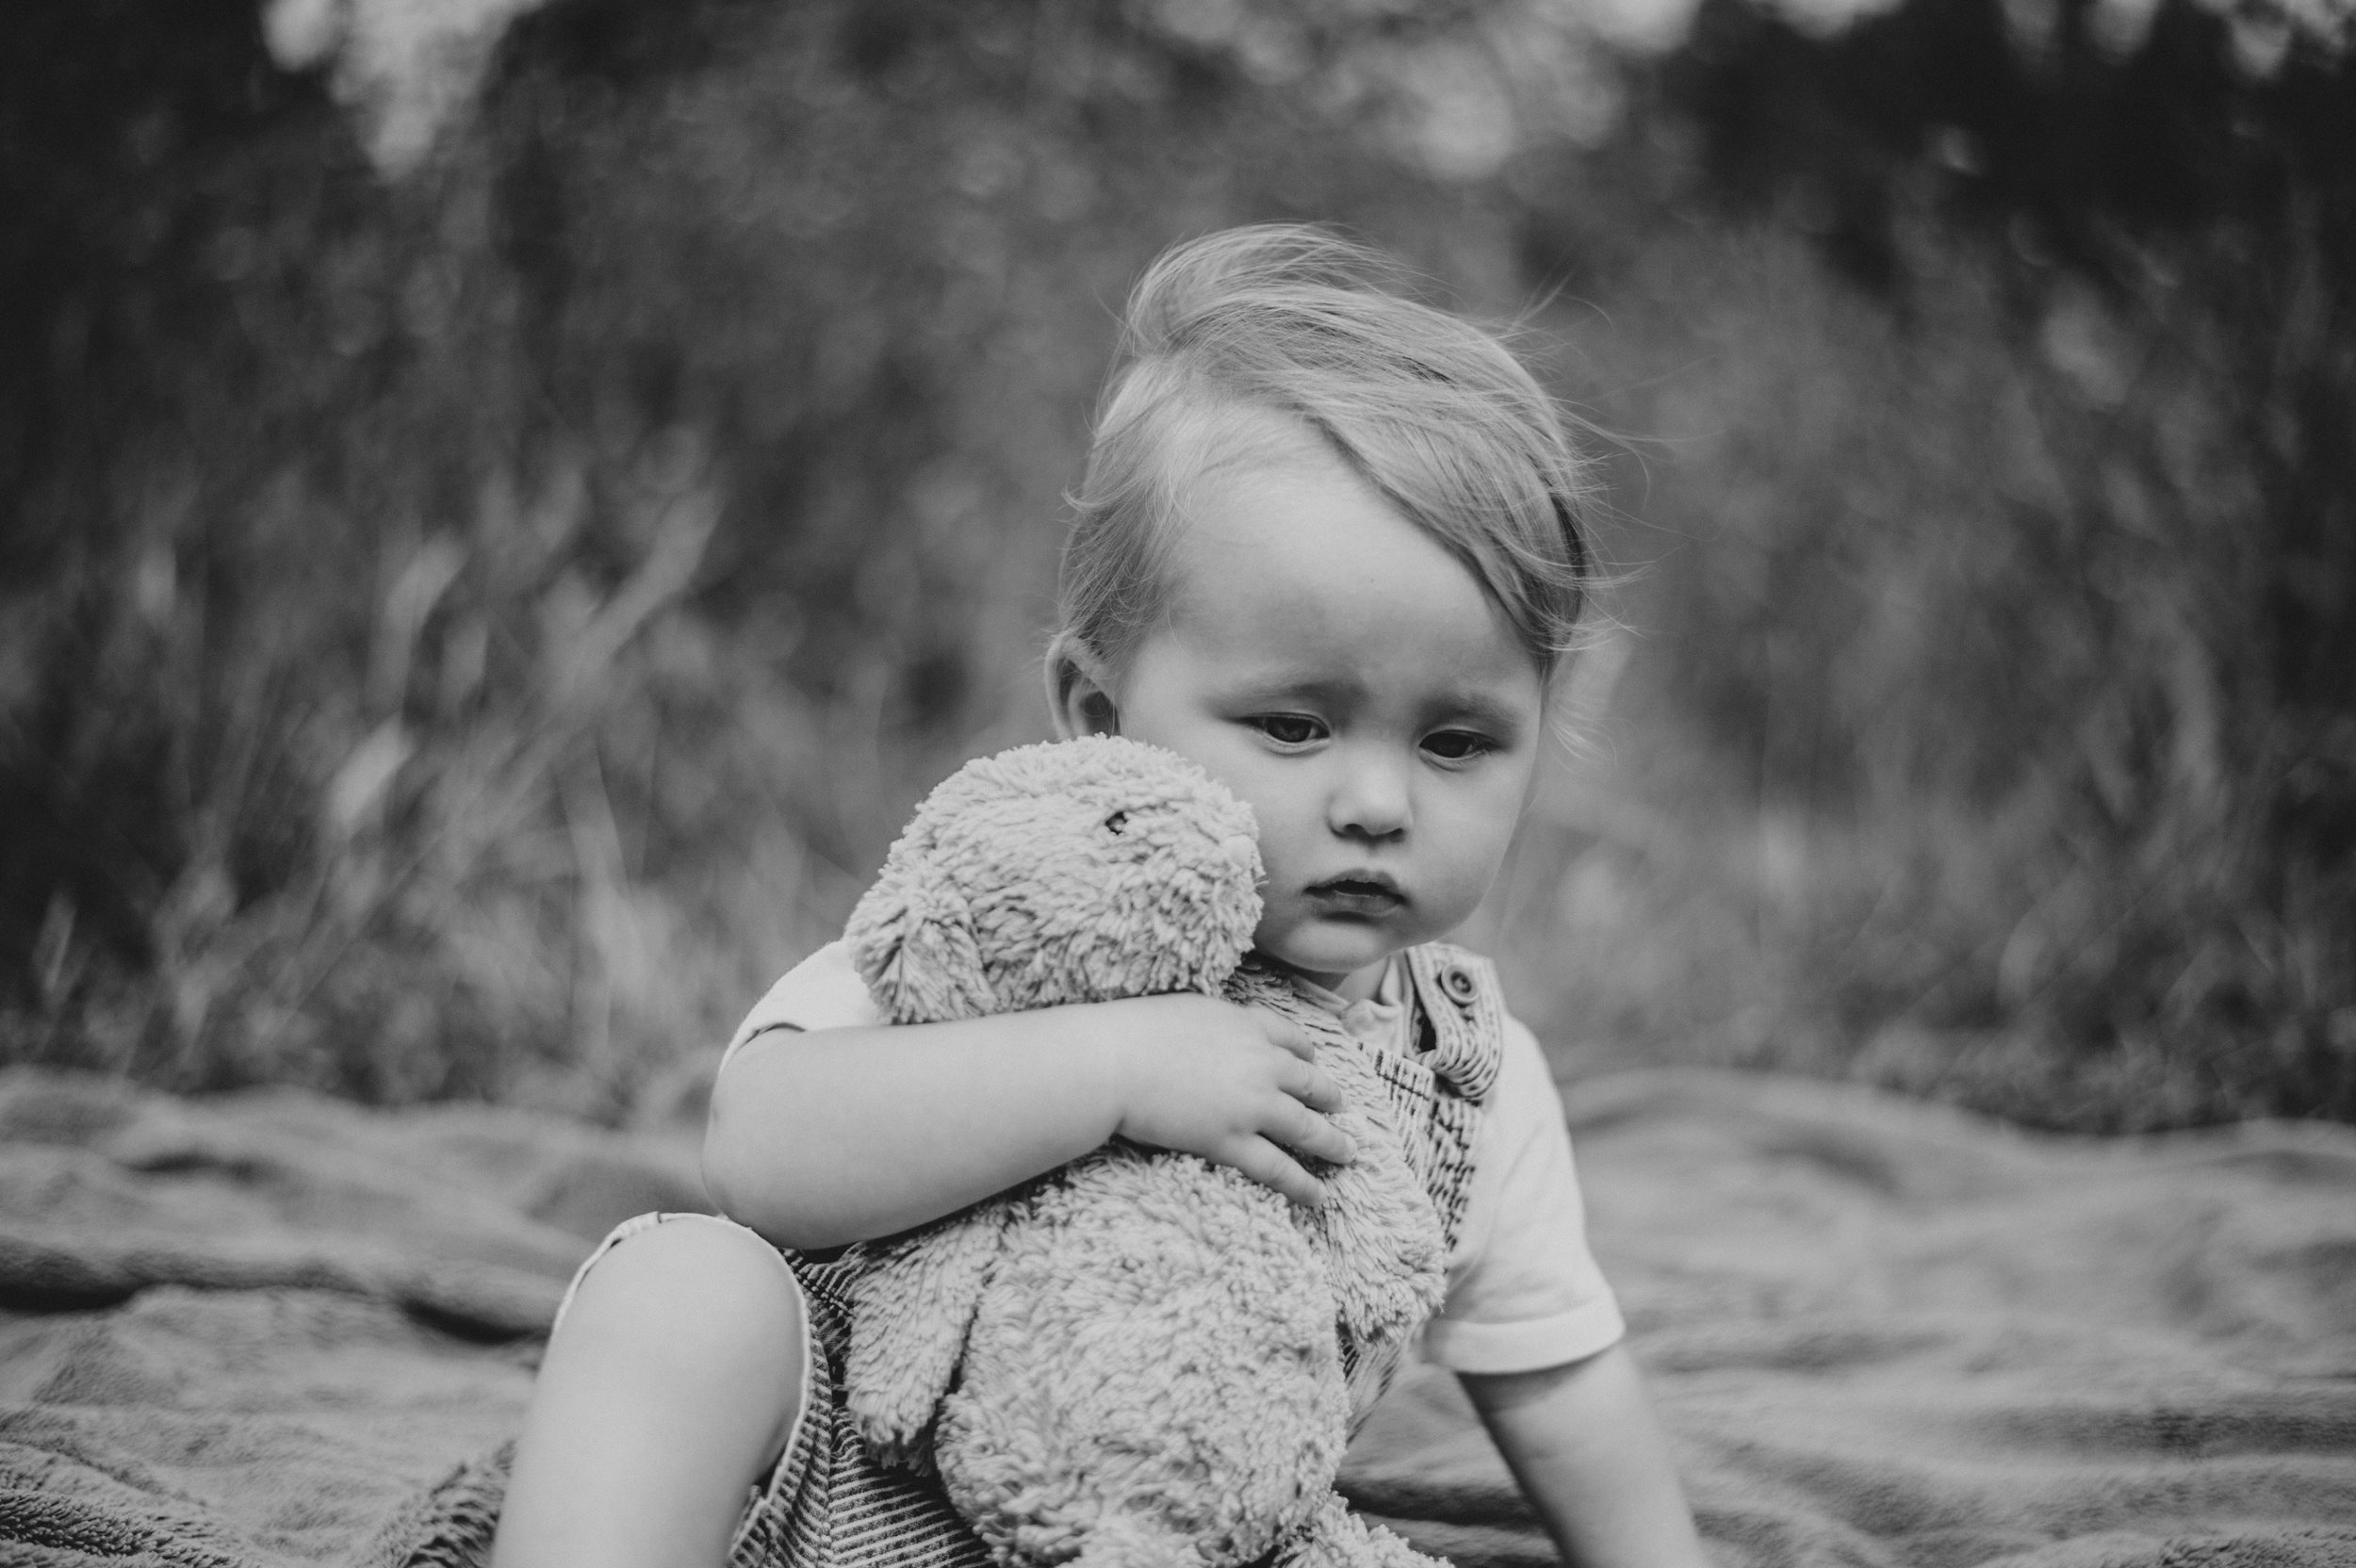 Baby boy with teddy Essex UK Documentary Portrait Photographer